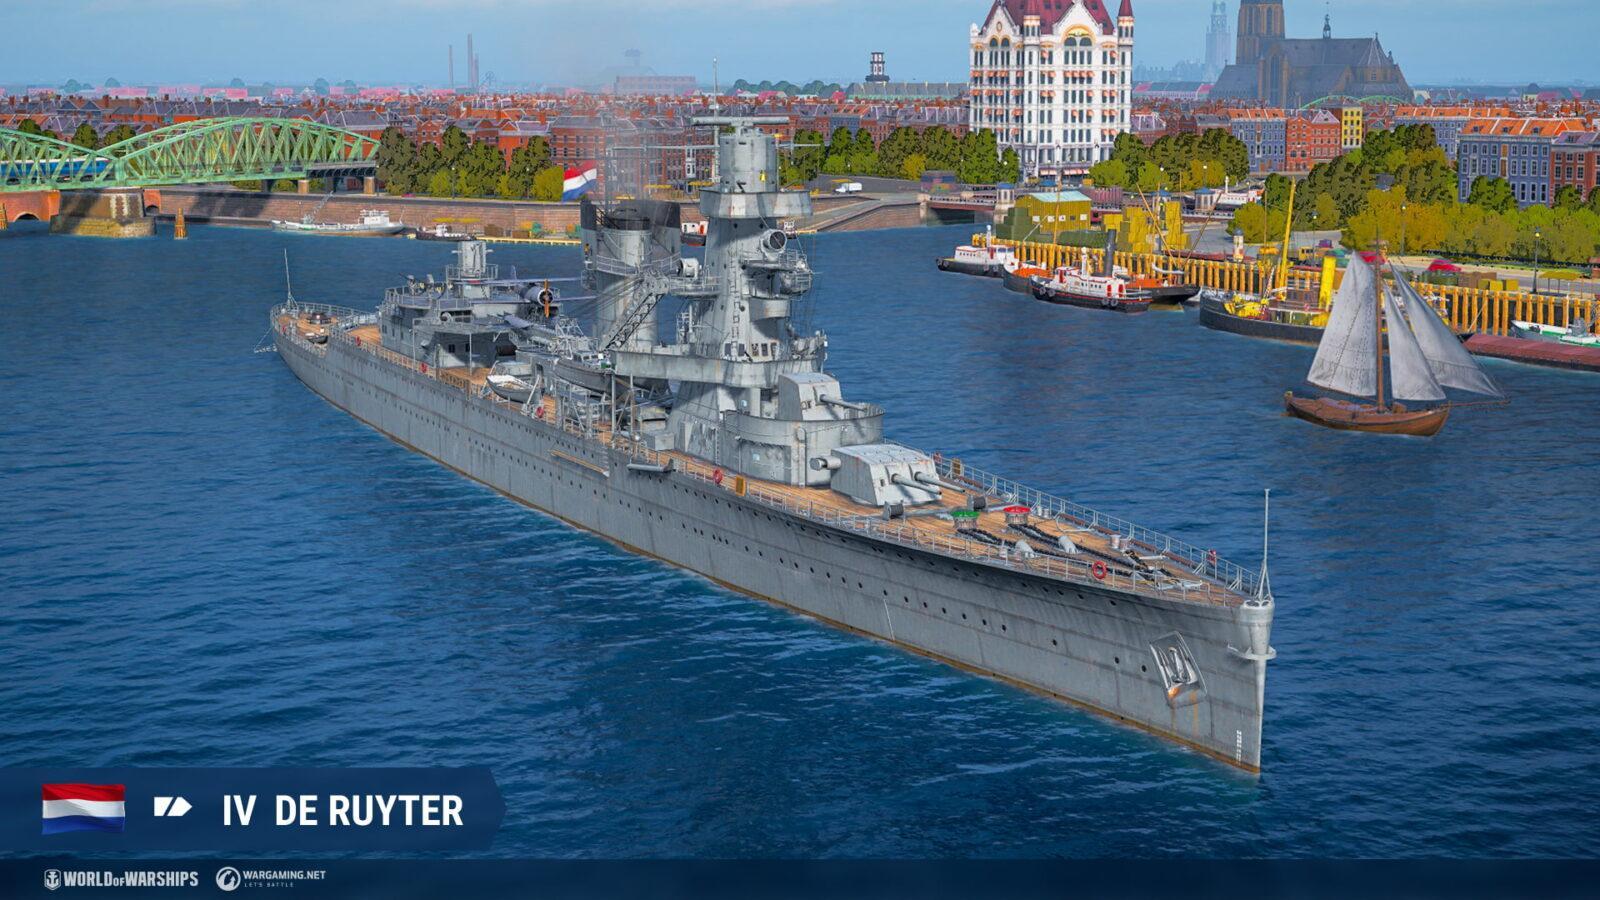 Крейсеры Нидерландов появятся в раннем доступе в World of Warships (de ruyter nl t4 ca screenshots realease 0 10 6 1920x1080 wg spb wows 1)